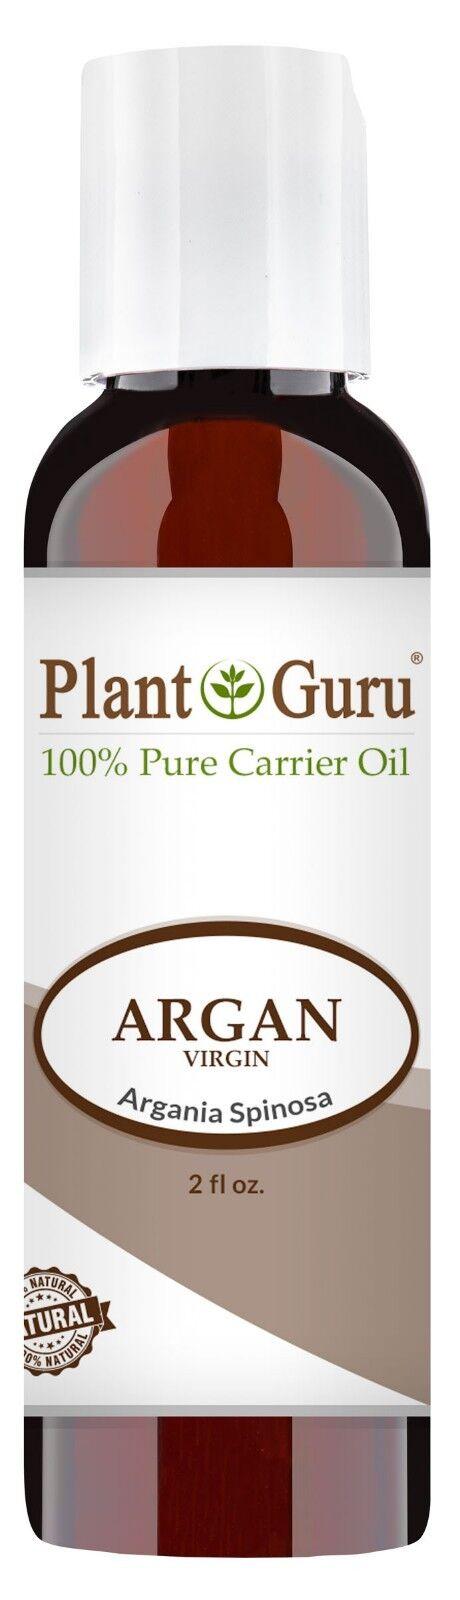 Argan Oil 2 oz. Morocco Virgin, Unrefined Cold Pressed 100%